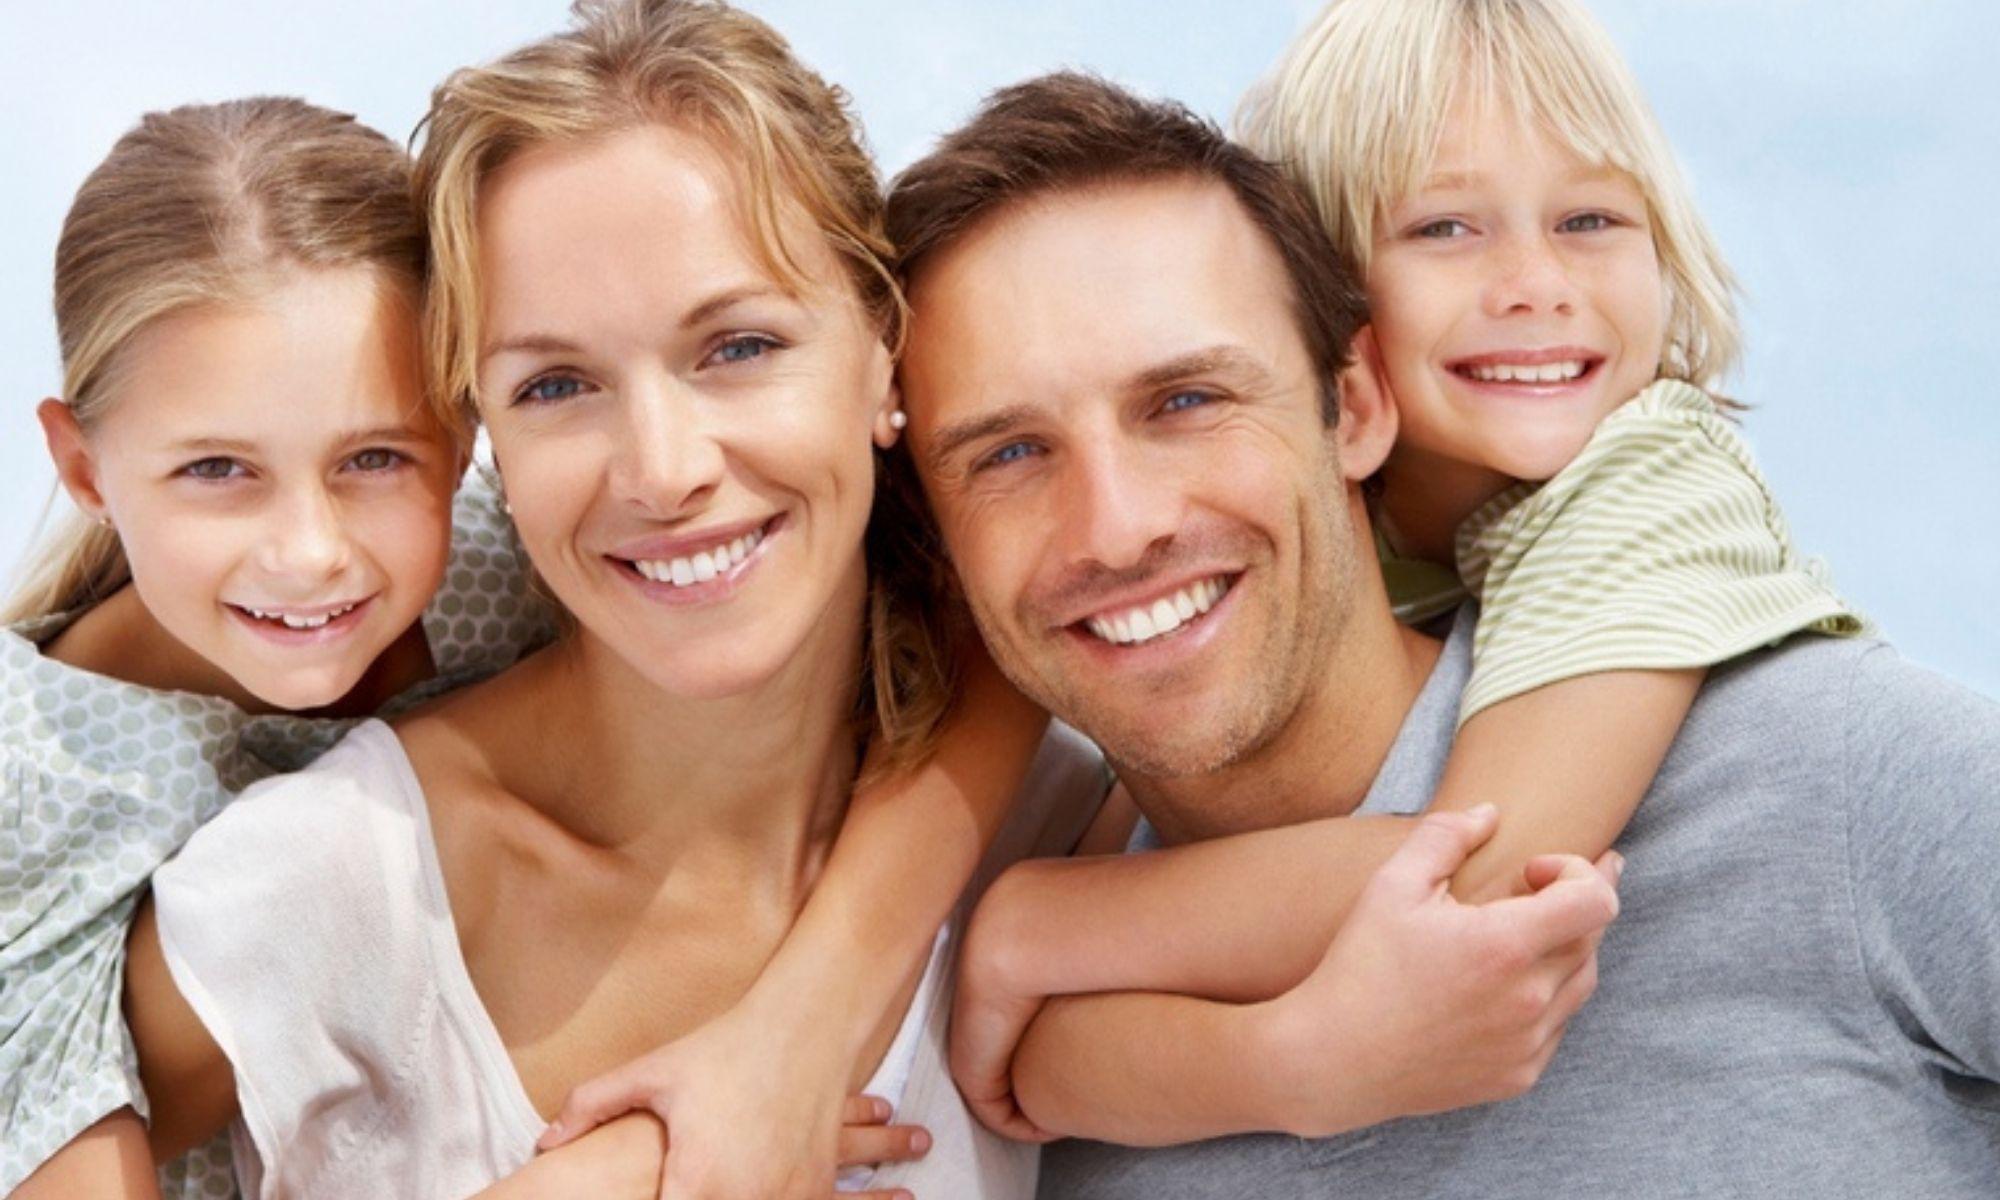 Типы воспитания в семье и их влияние на личность ребенка